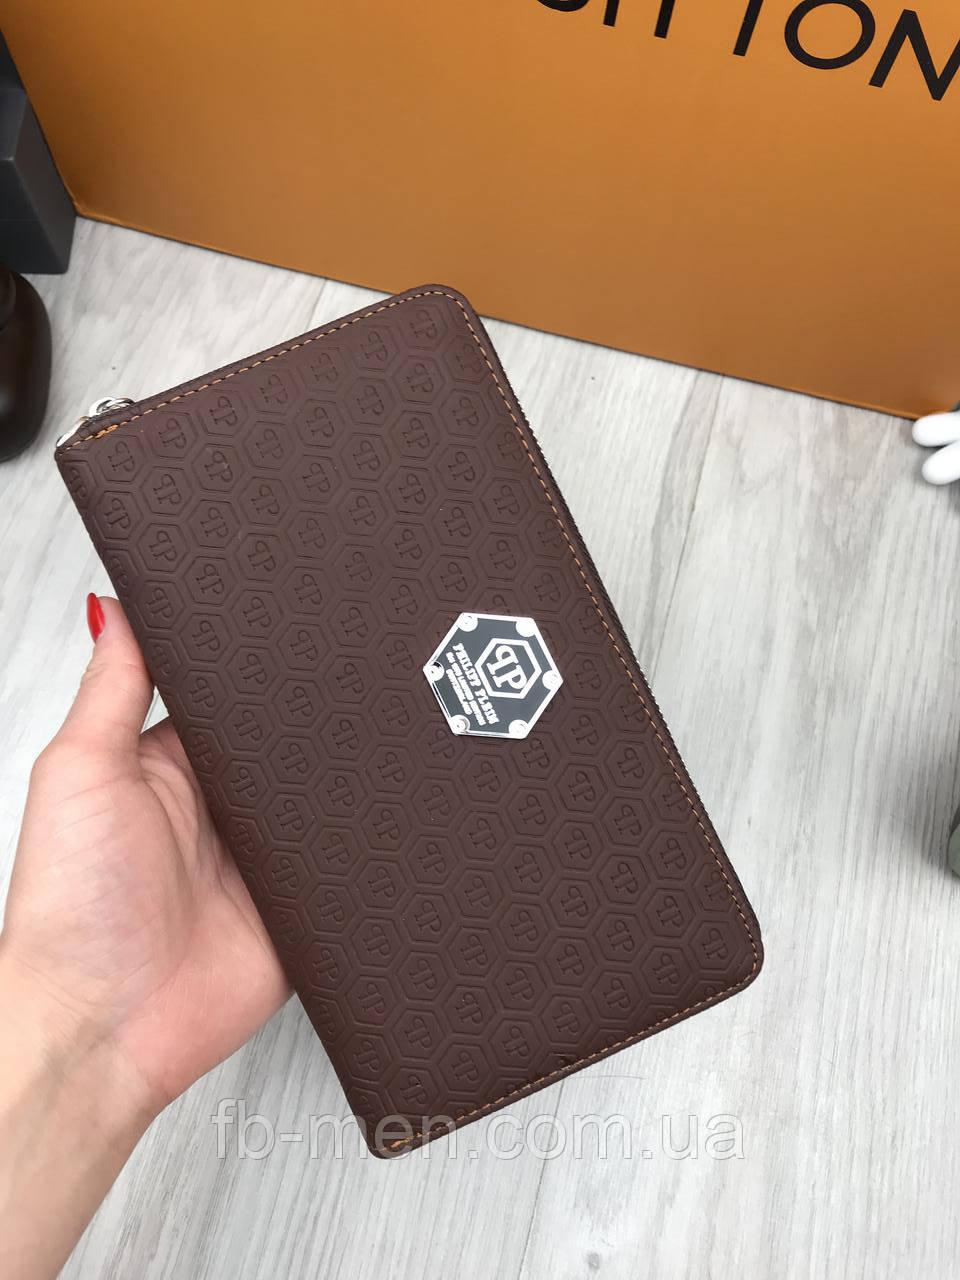 Кошелек коричневый Philipp Plein | Коричневый бумажник мужской Филипп Плейн | Портмоне большое мужское Плейн